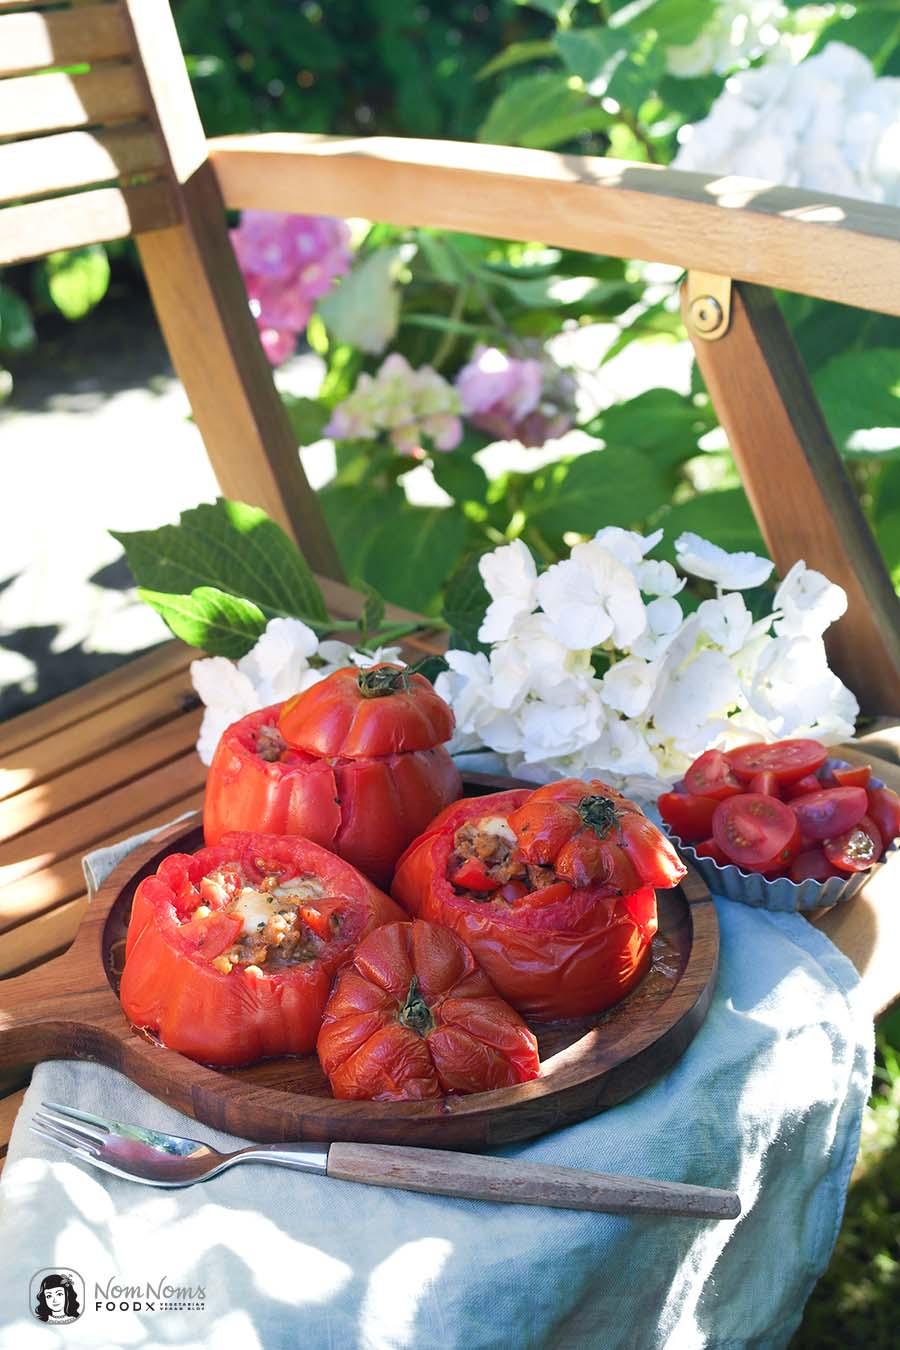 Grill-Tomate mit vegetarischer Hack-Tomaten-Käse-Füllung